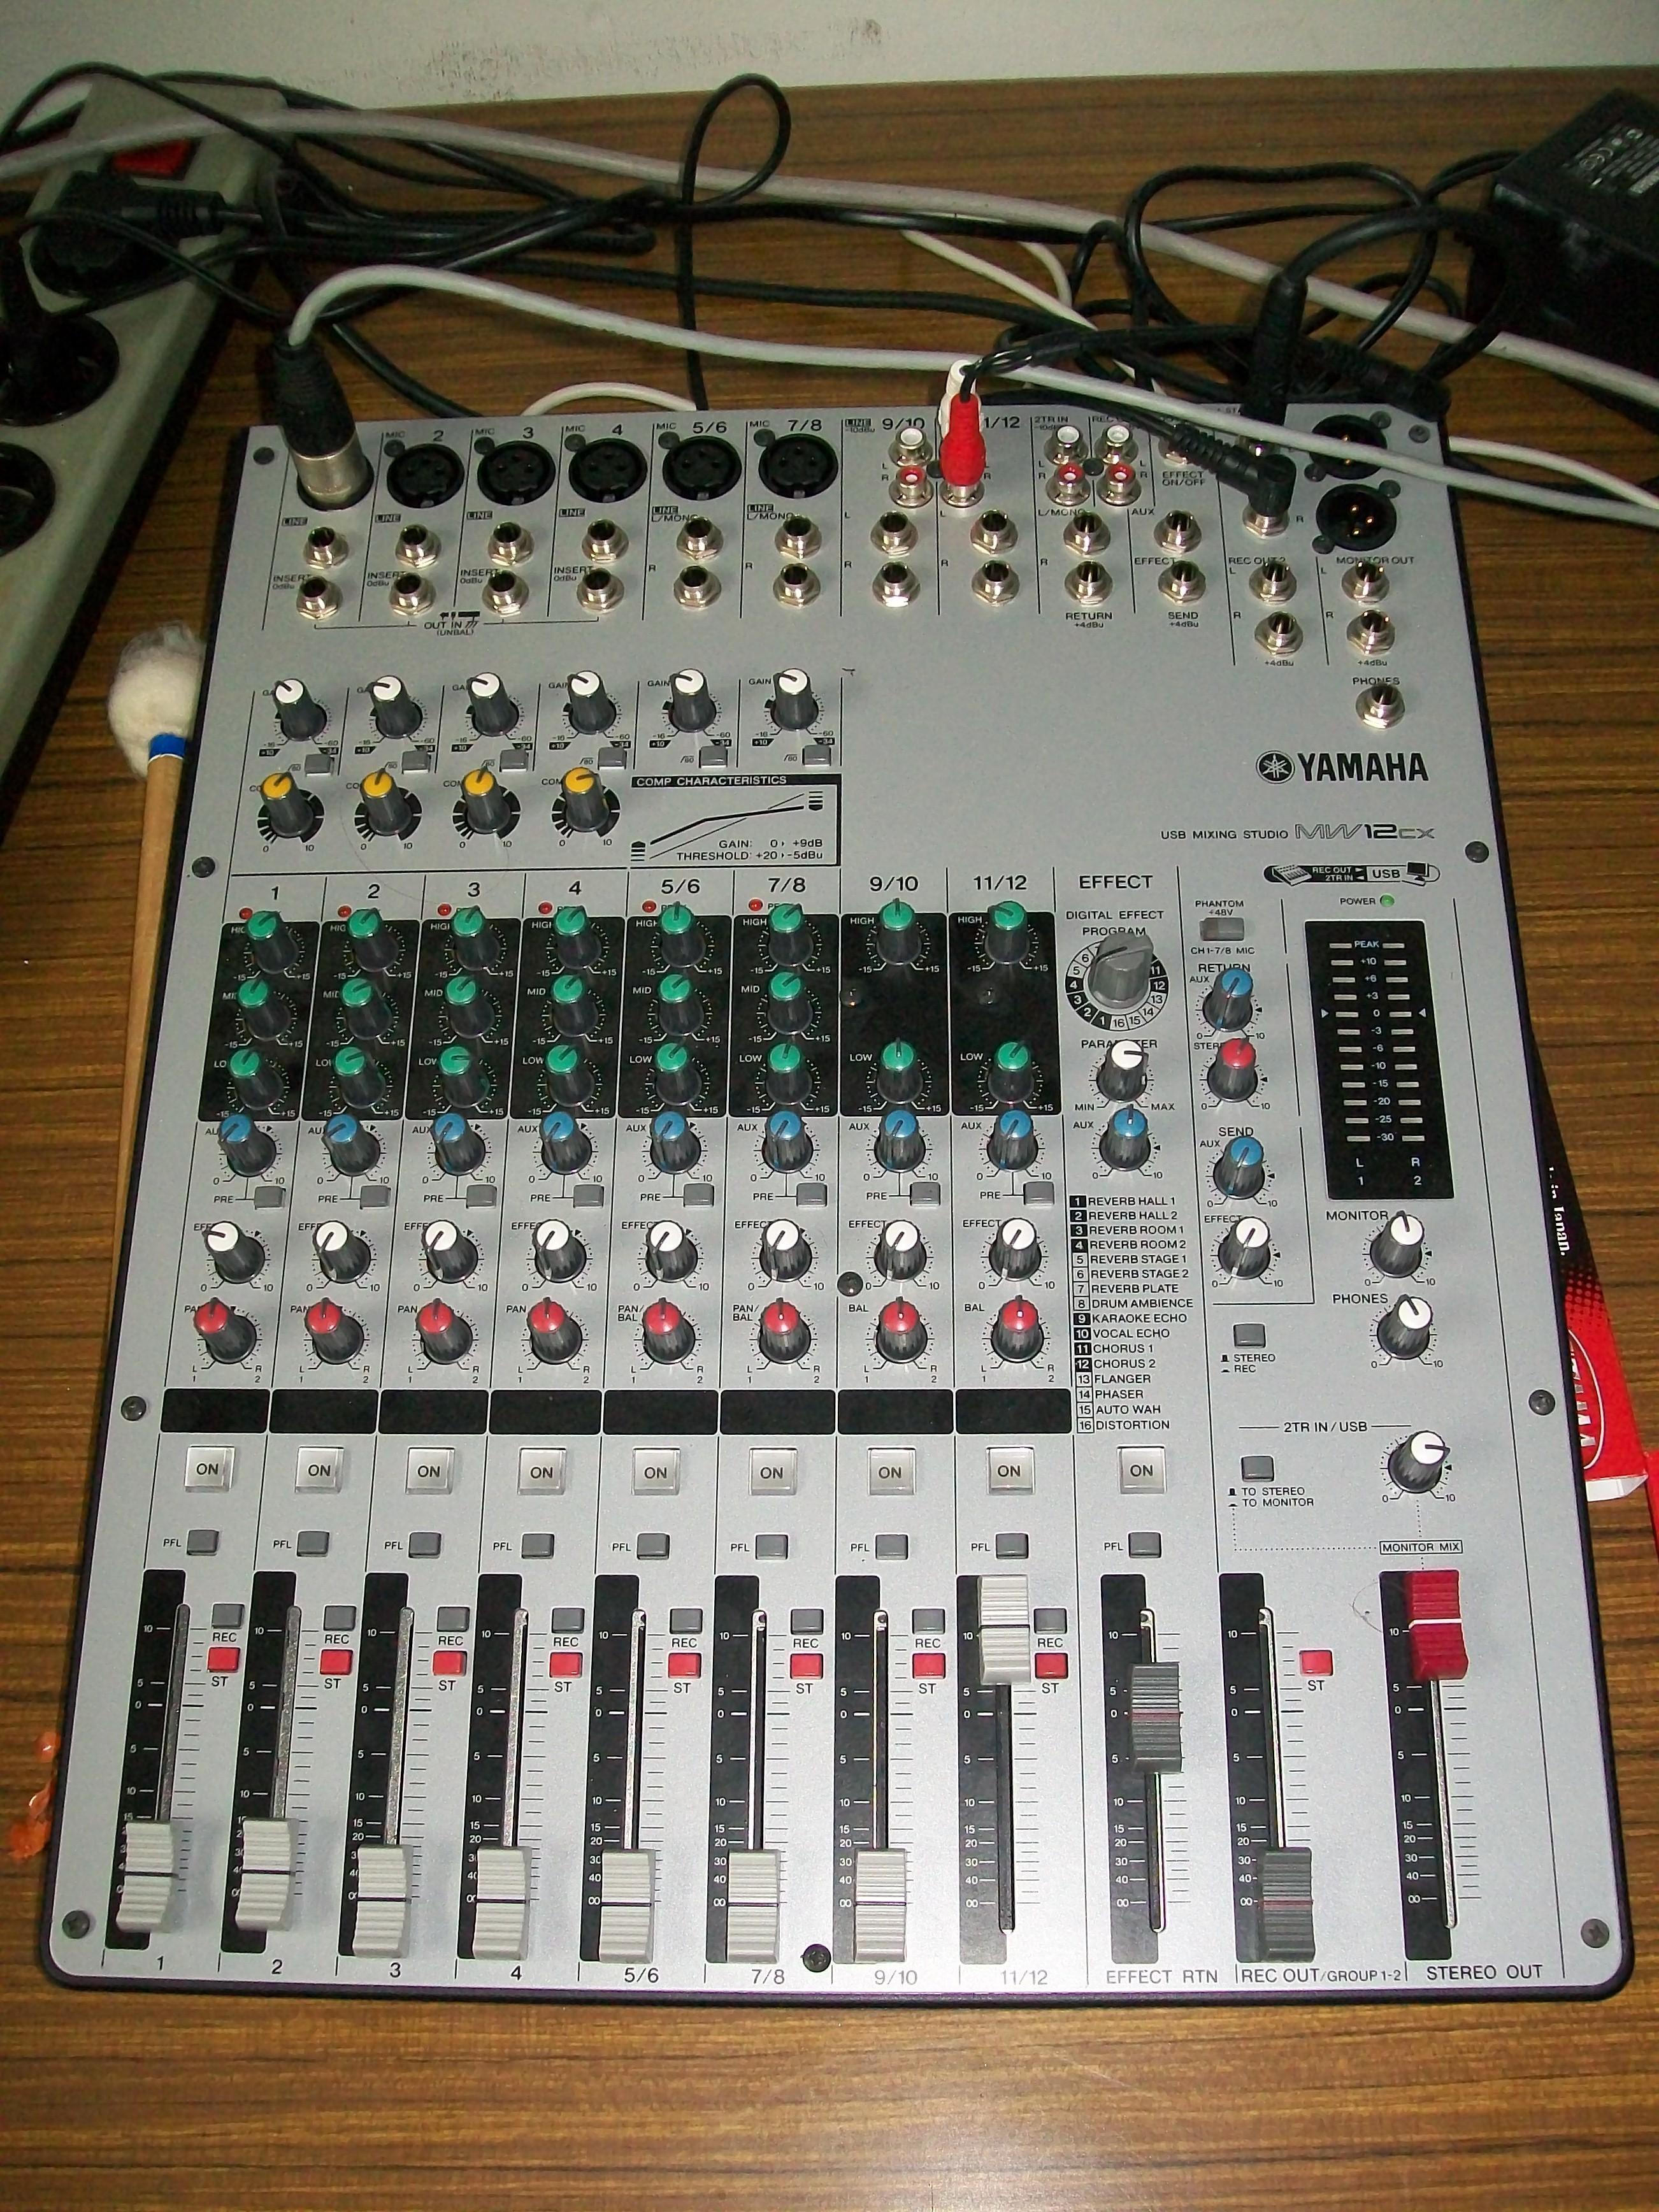 Yamaha MW12C 2 user manual